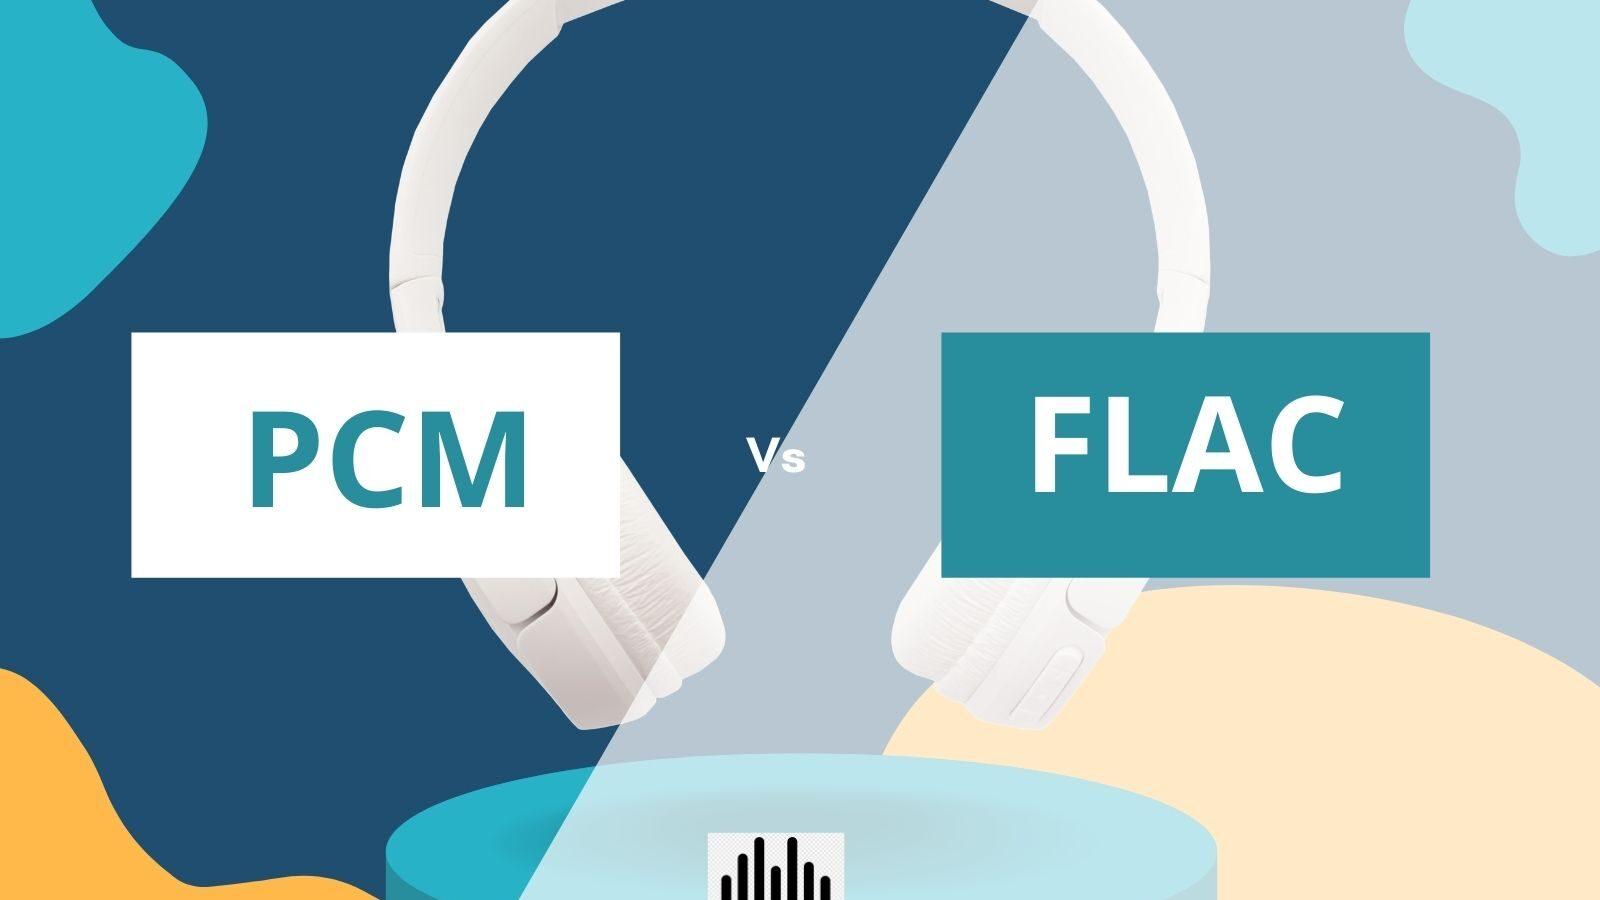 FLAC vs PCM